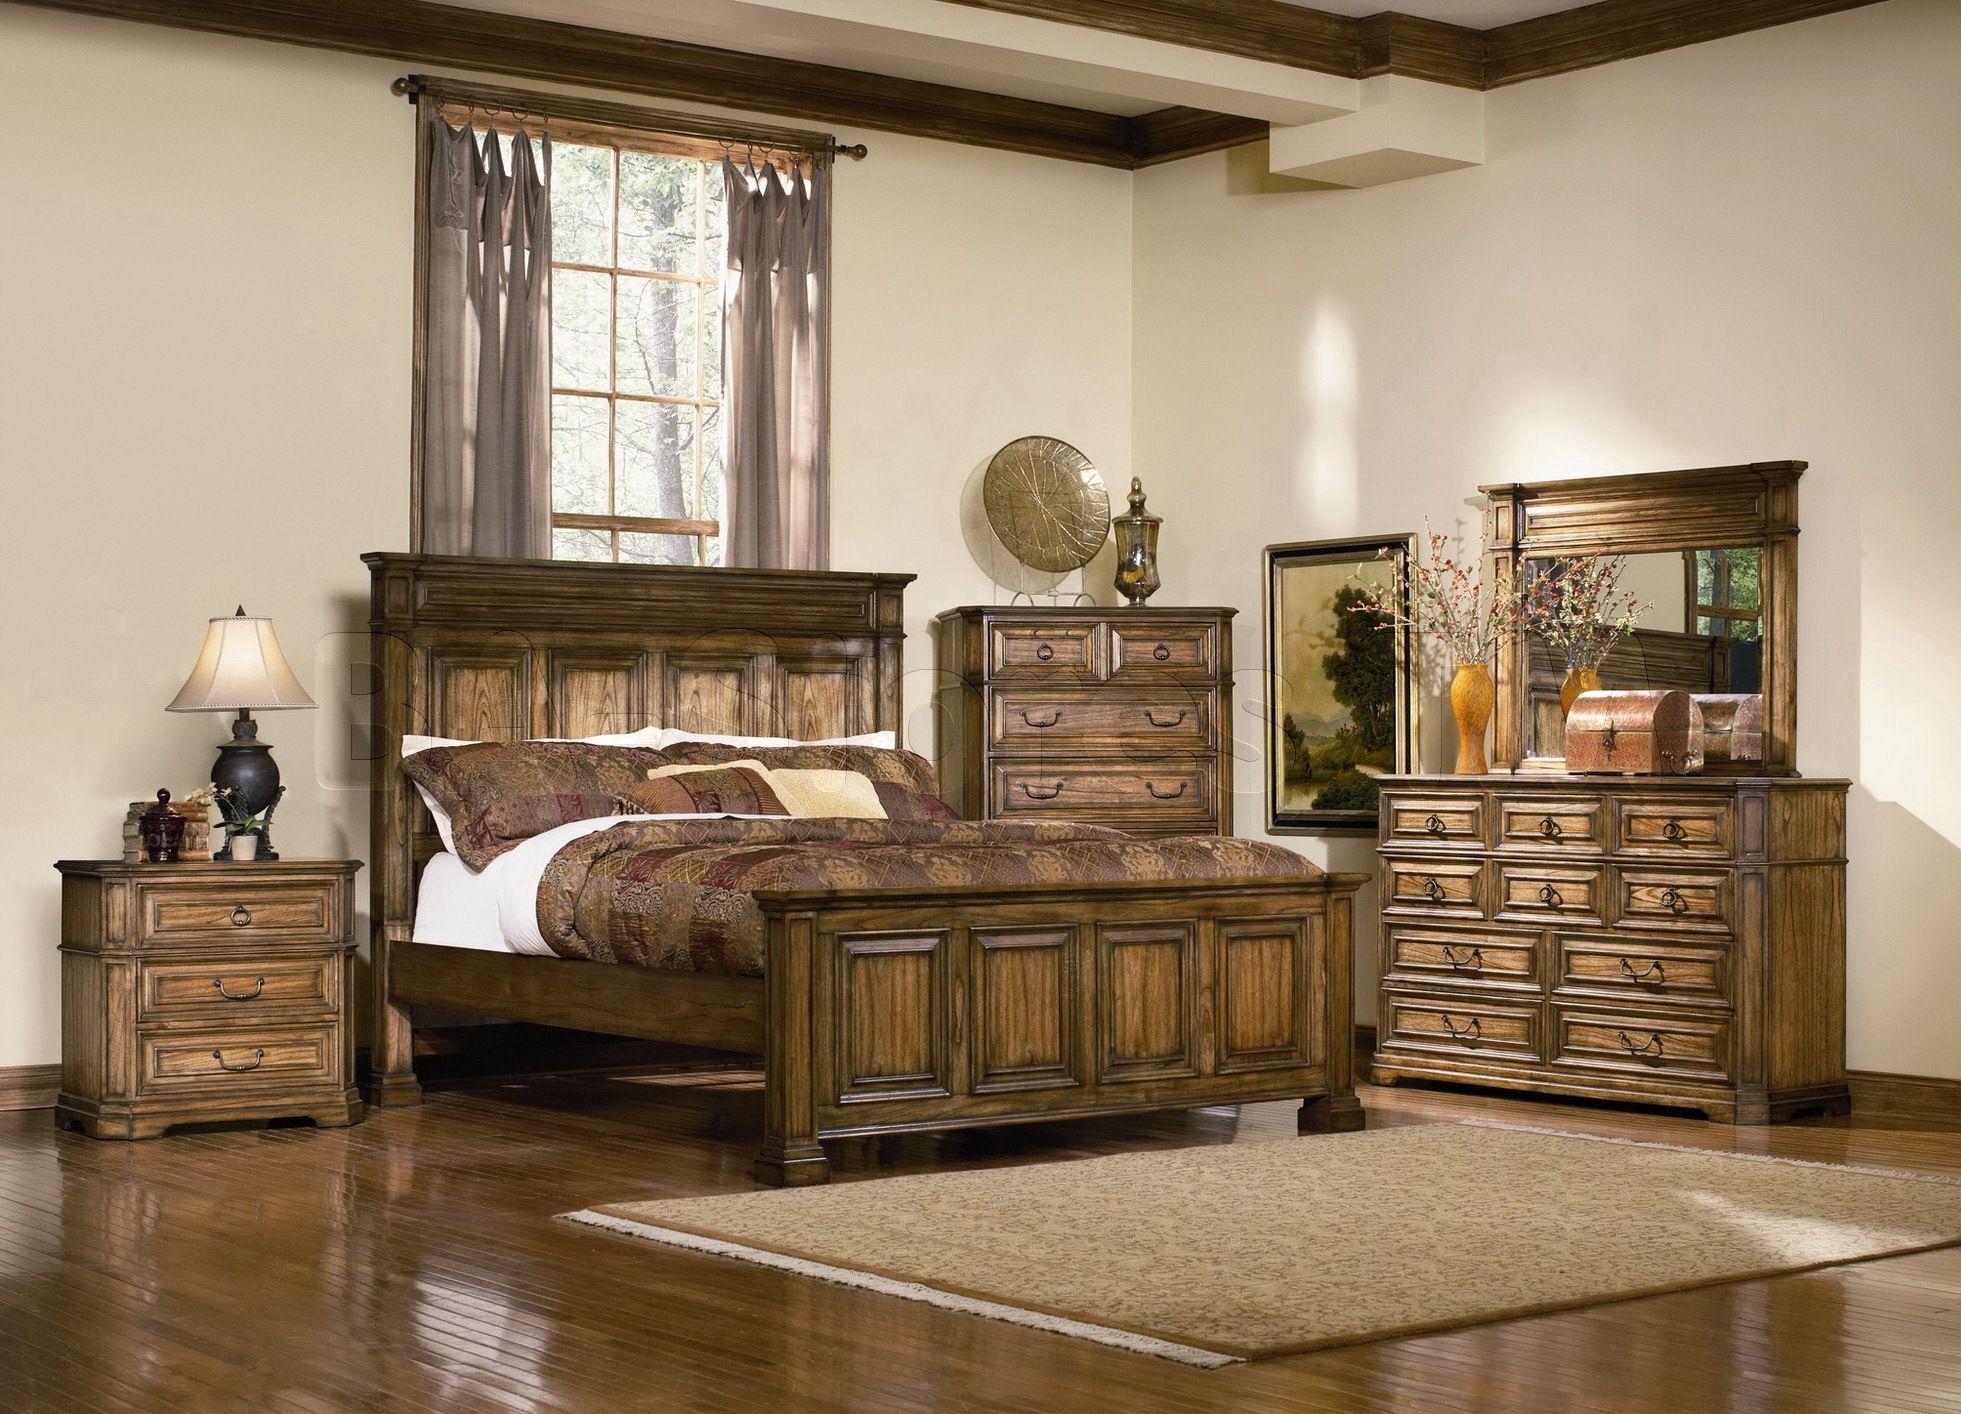 Edgewood pc bedroom set bed nightstand dresser mirror and